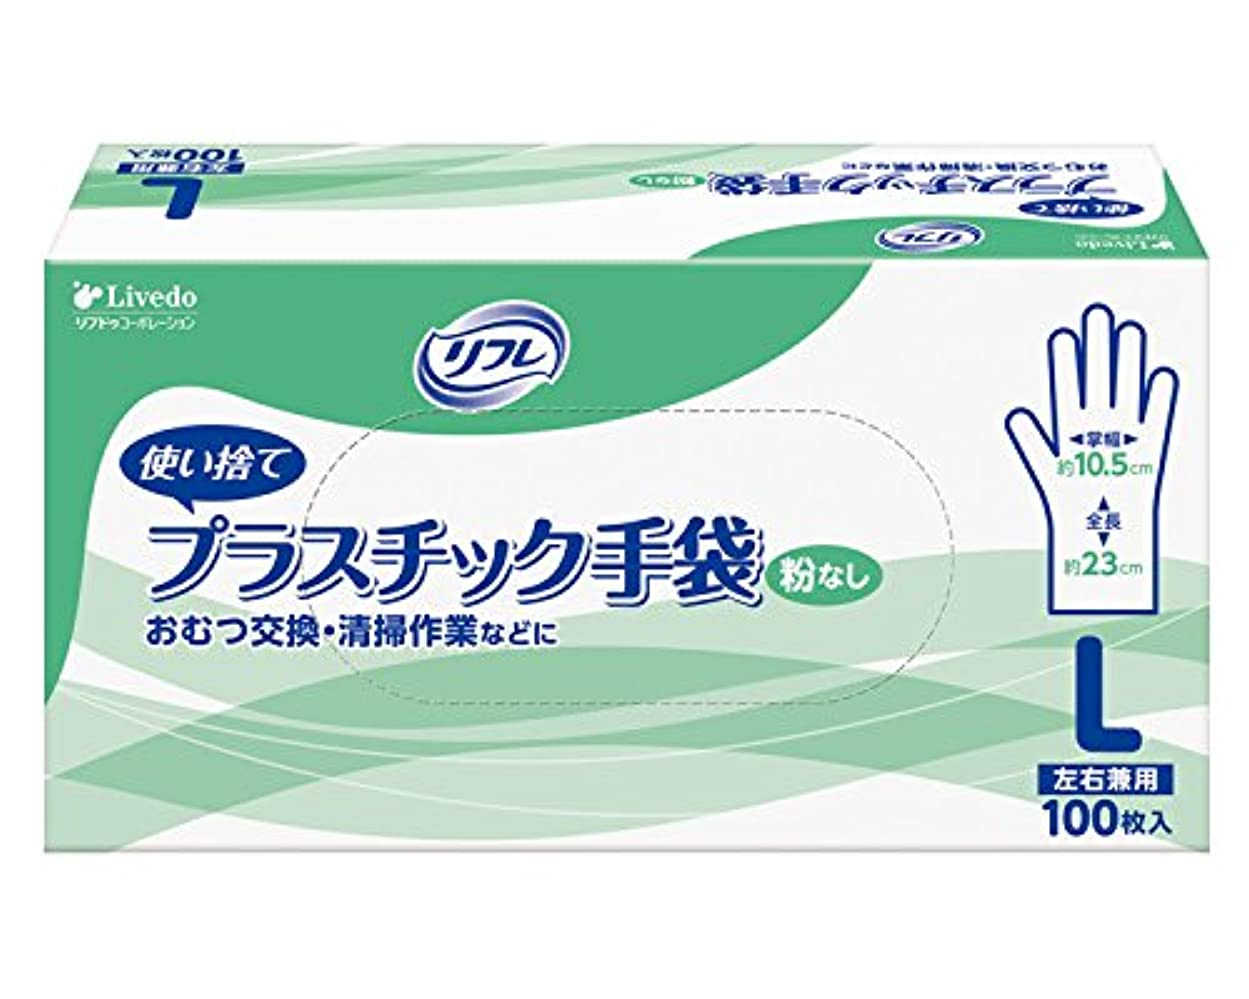 リフレ プラスチック手袋 粉なし L 1ケース(1箱100枚×20小箱入) 92117 (リブドゥコーポレーション) (プラ手袋?ゴム手袋)